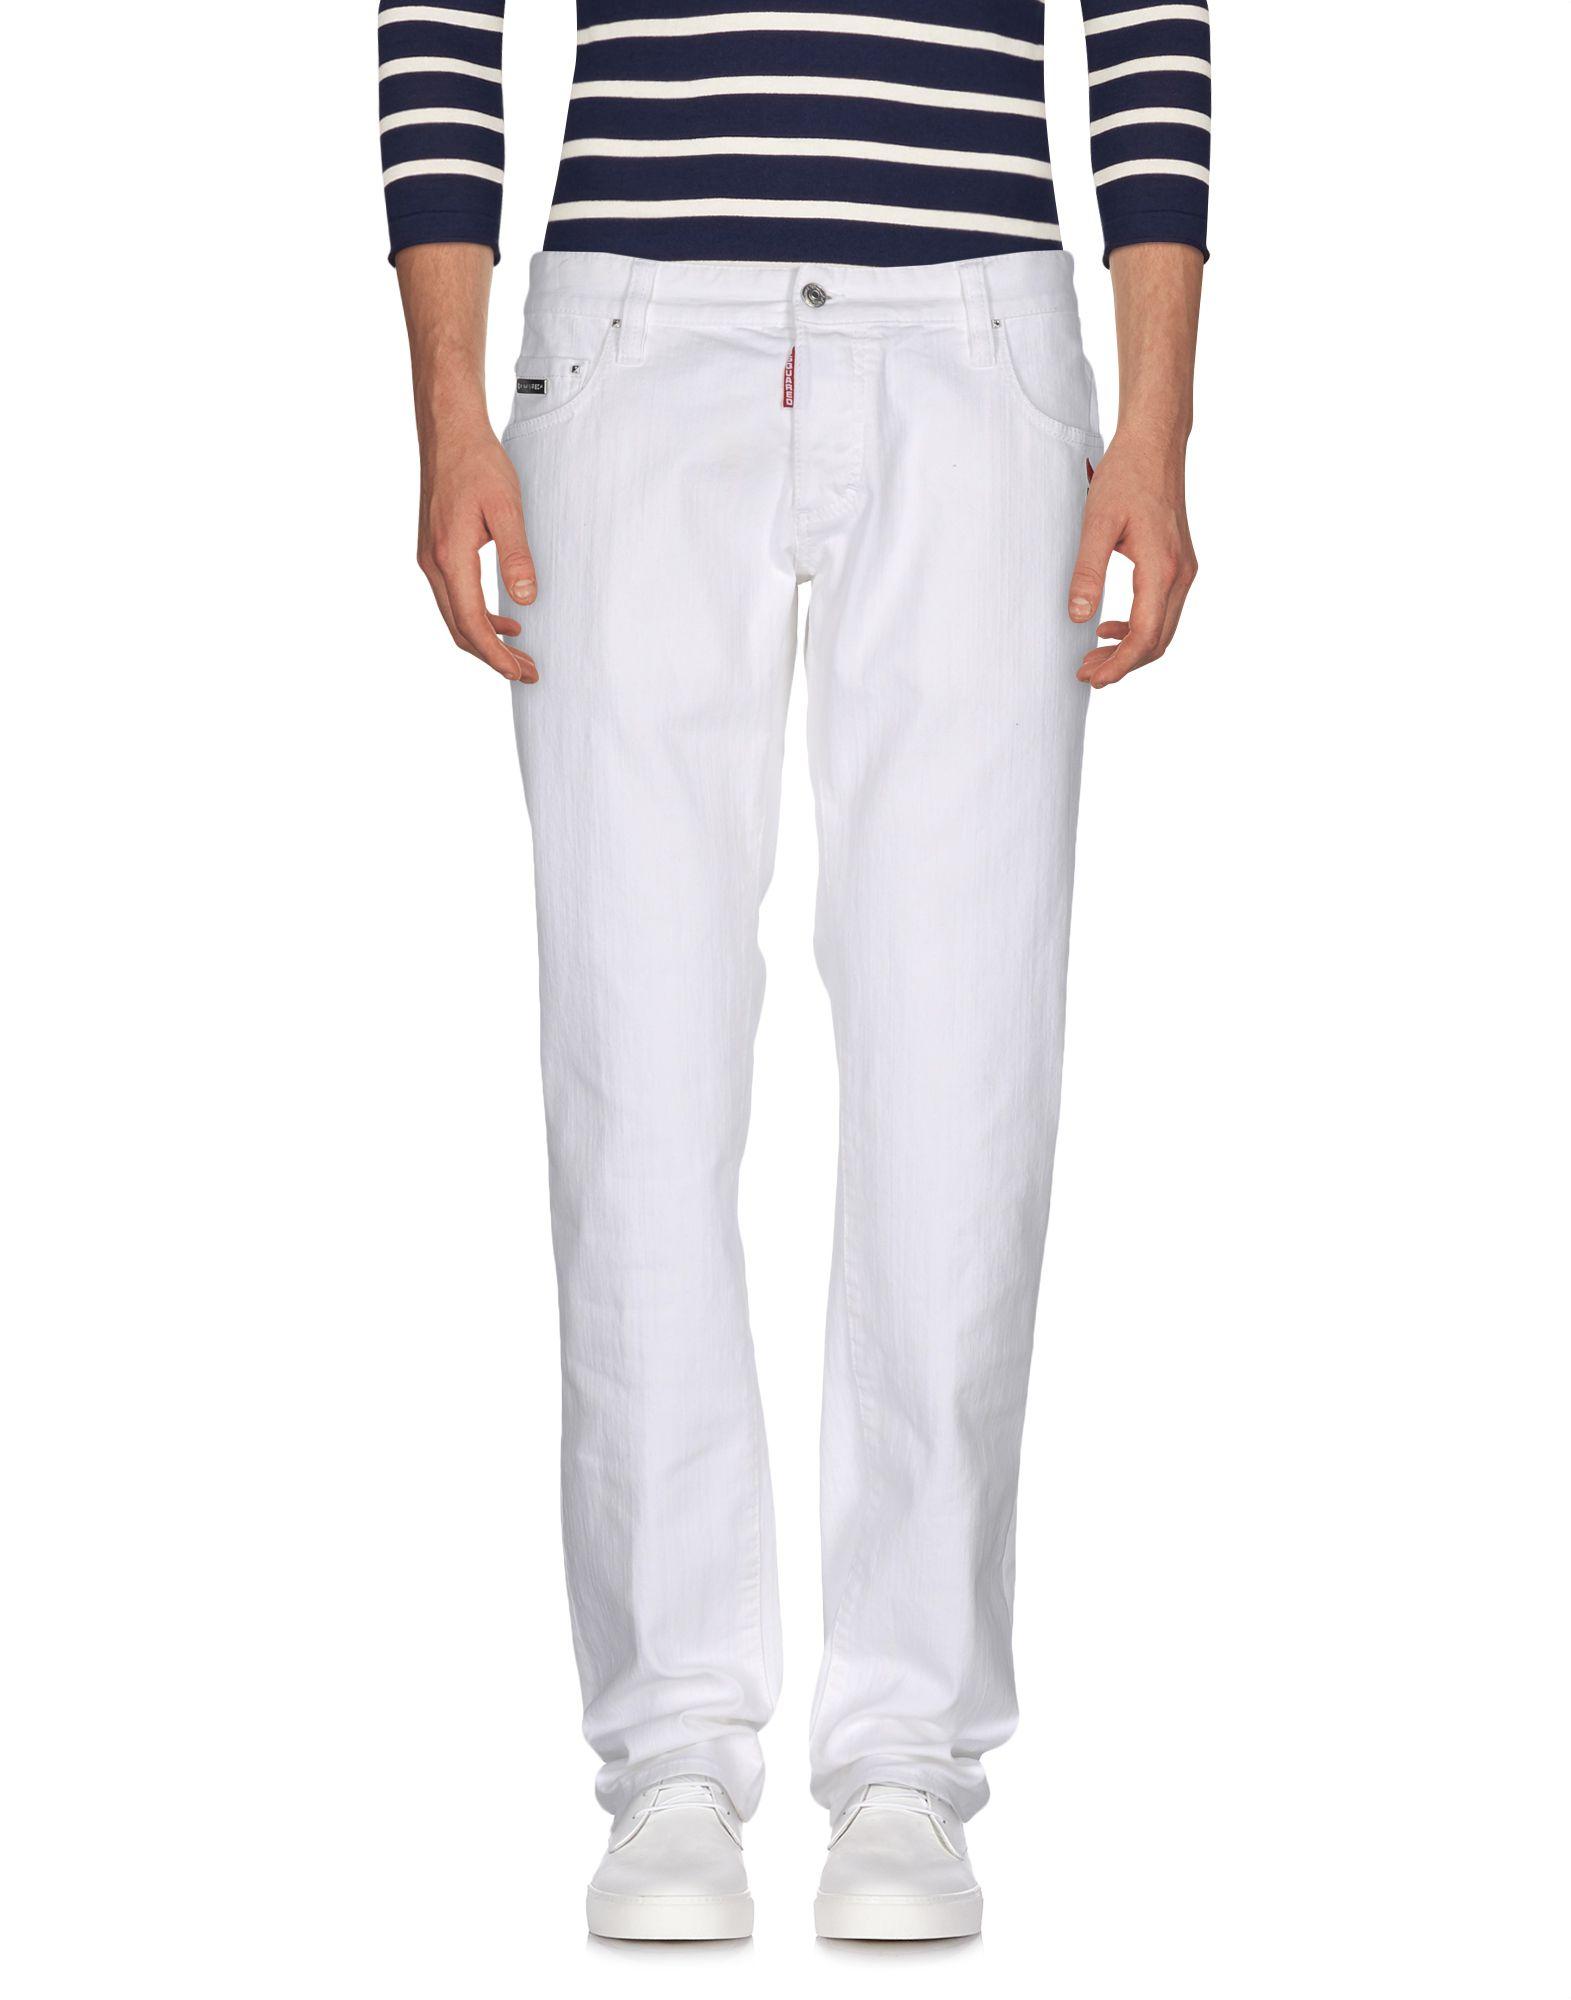 Pantaloni Jeans Dsquared2 Donna - Acquista online su